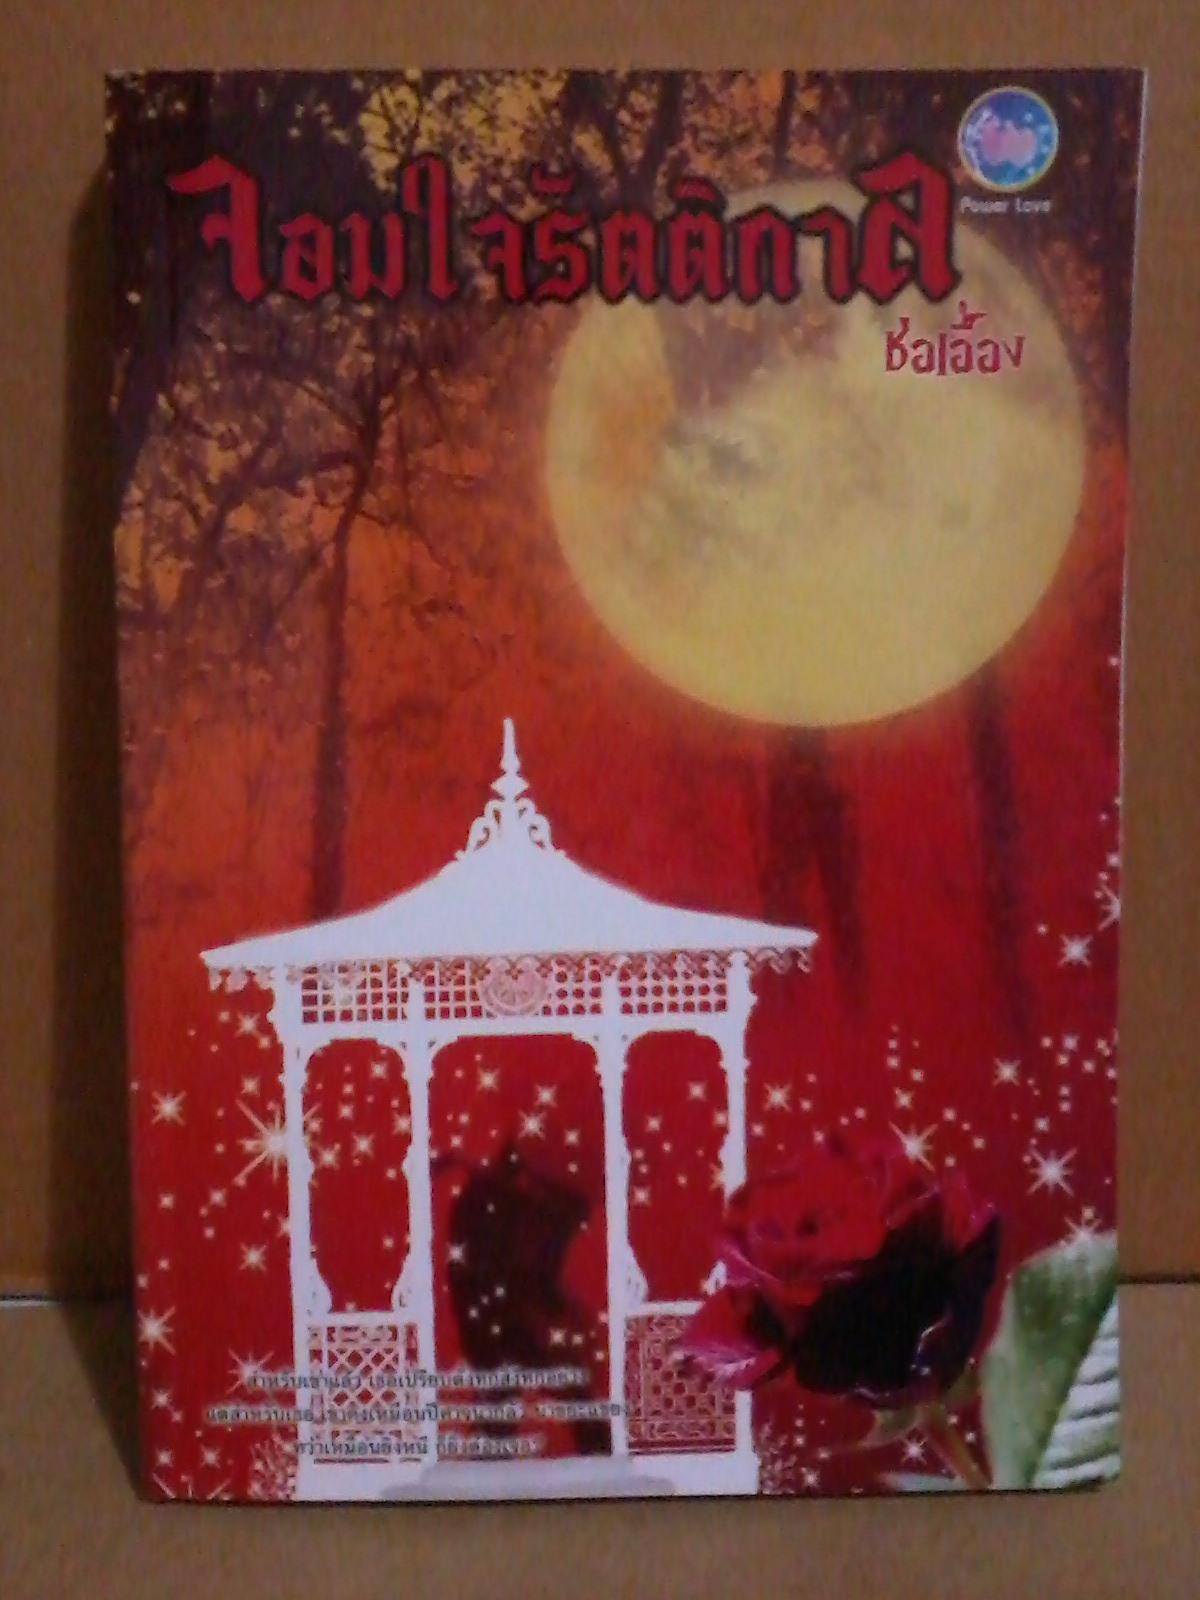 จอมใจรัตติกาล (Paranormal Romance) / ช่อเอื้อง หนังสือใหม่ ทำมือ